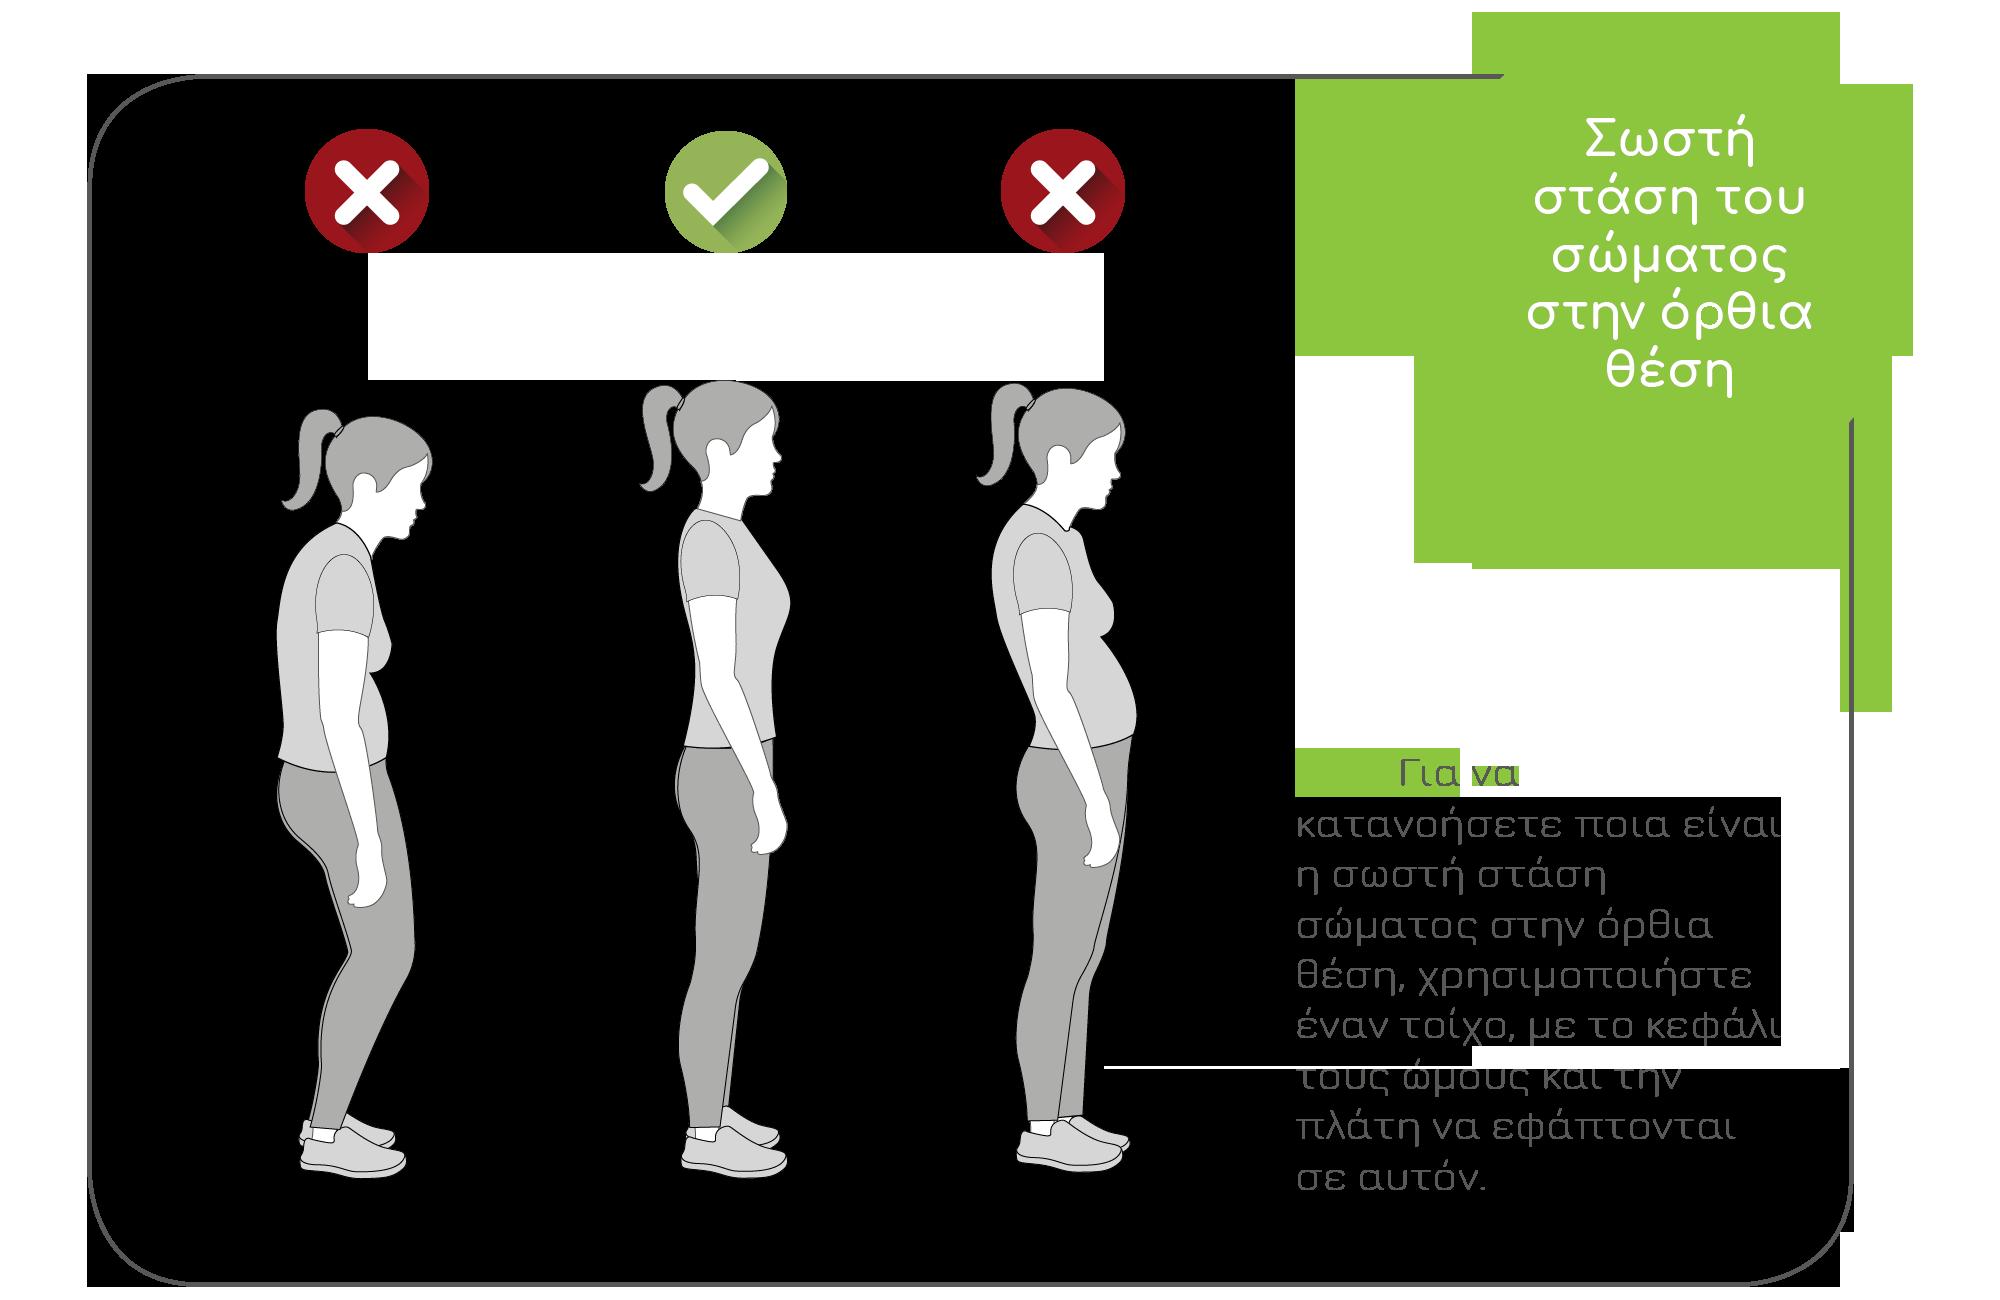 Σωστή στάση του σώματος στην όρθια θέση